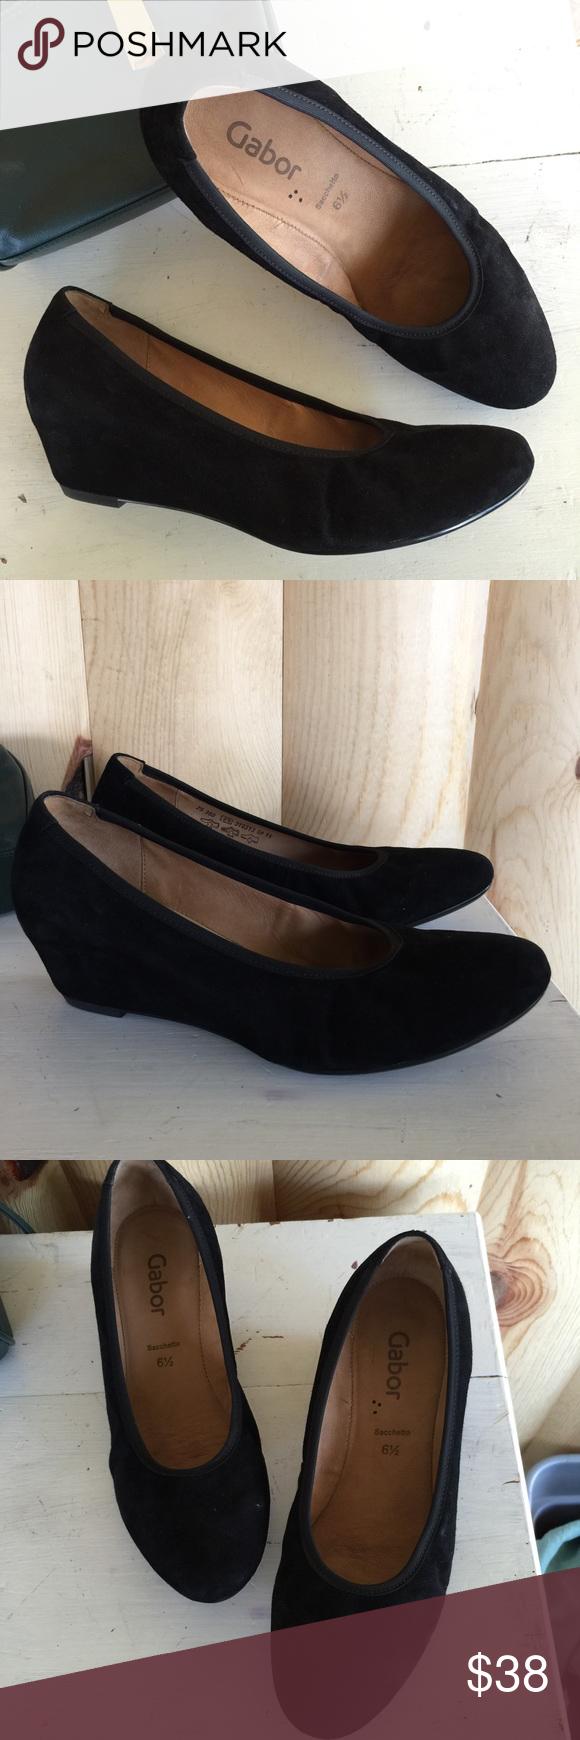 black suede German luxury wedge heels